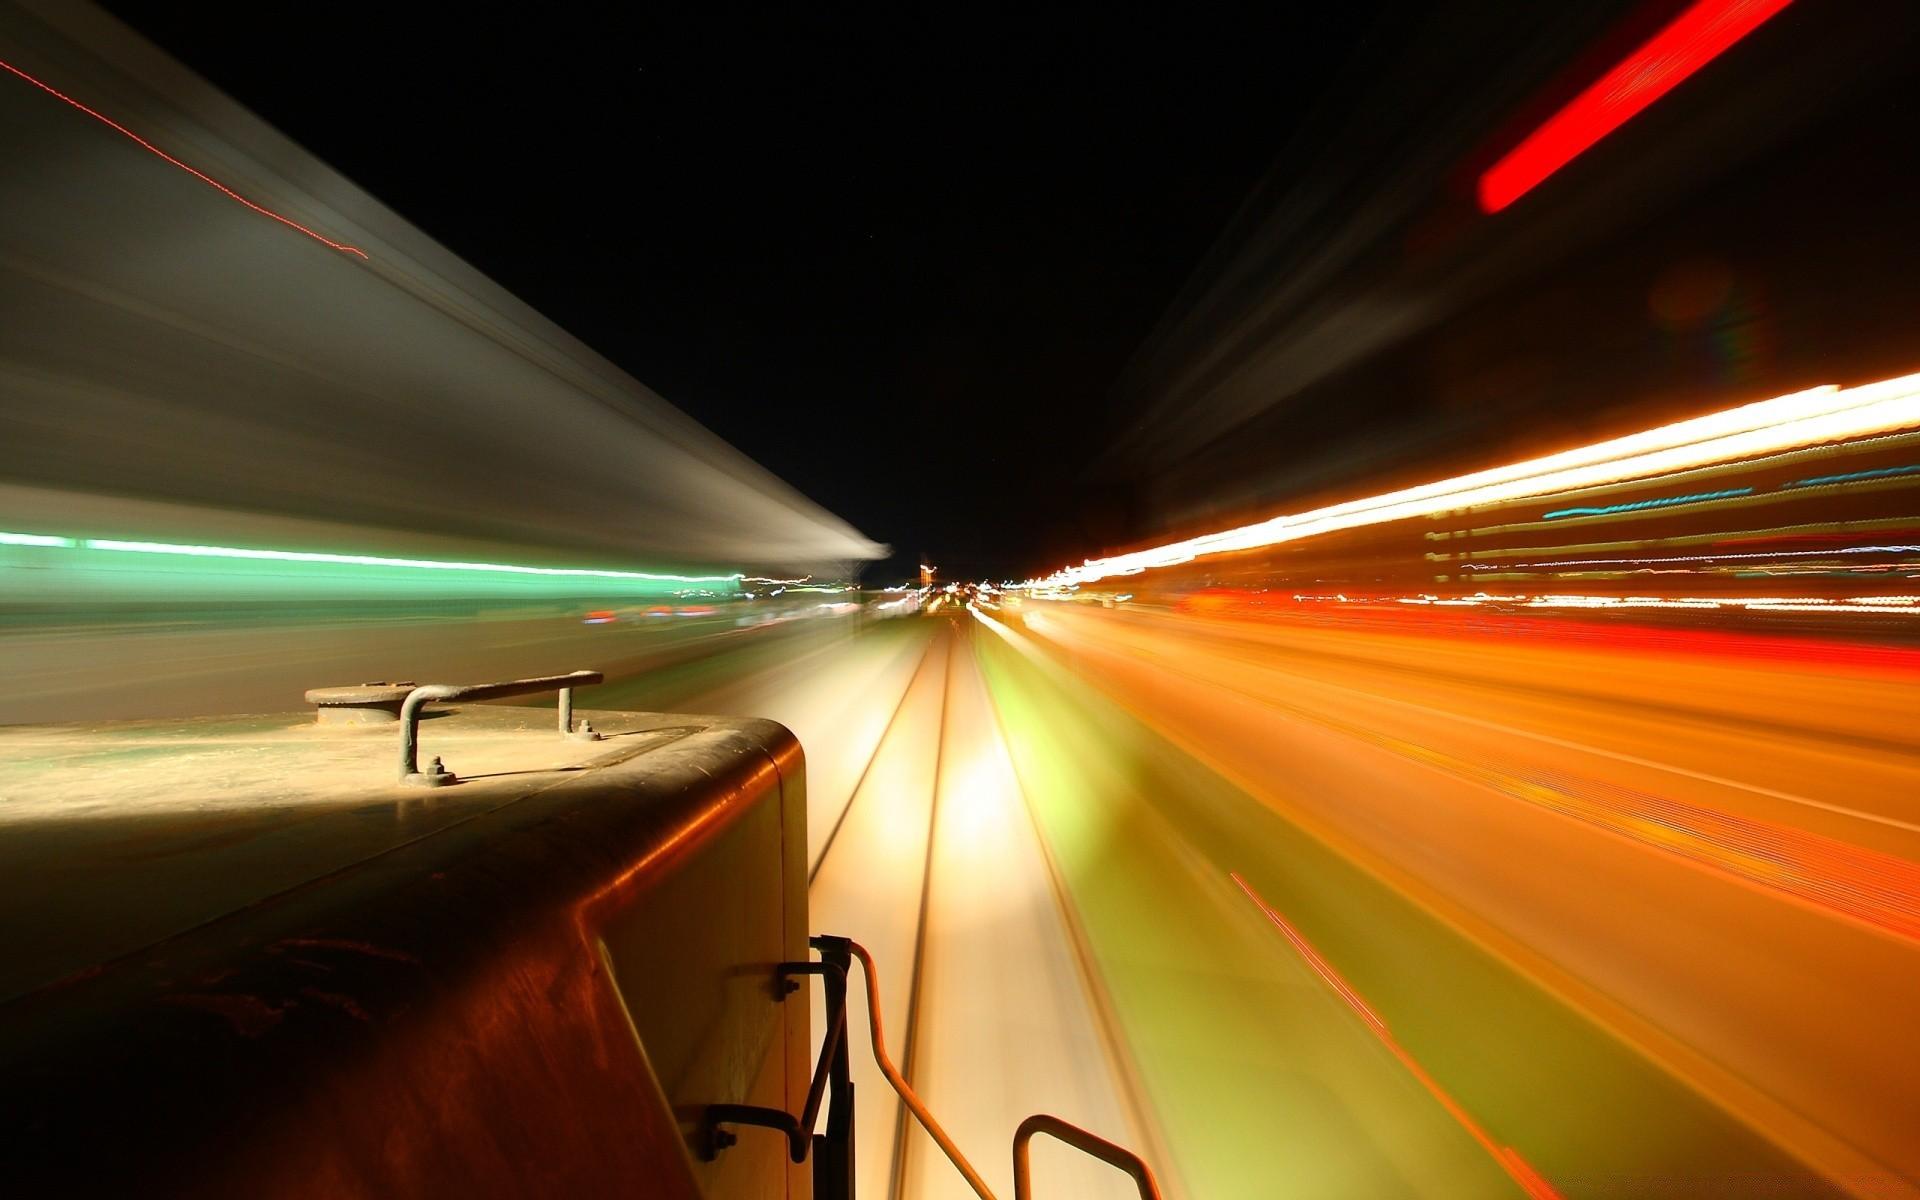 клюву картинки скорость запросу пудель